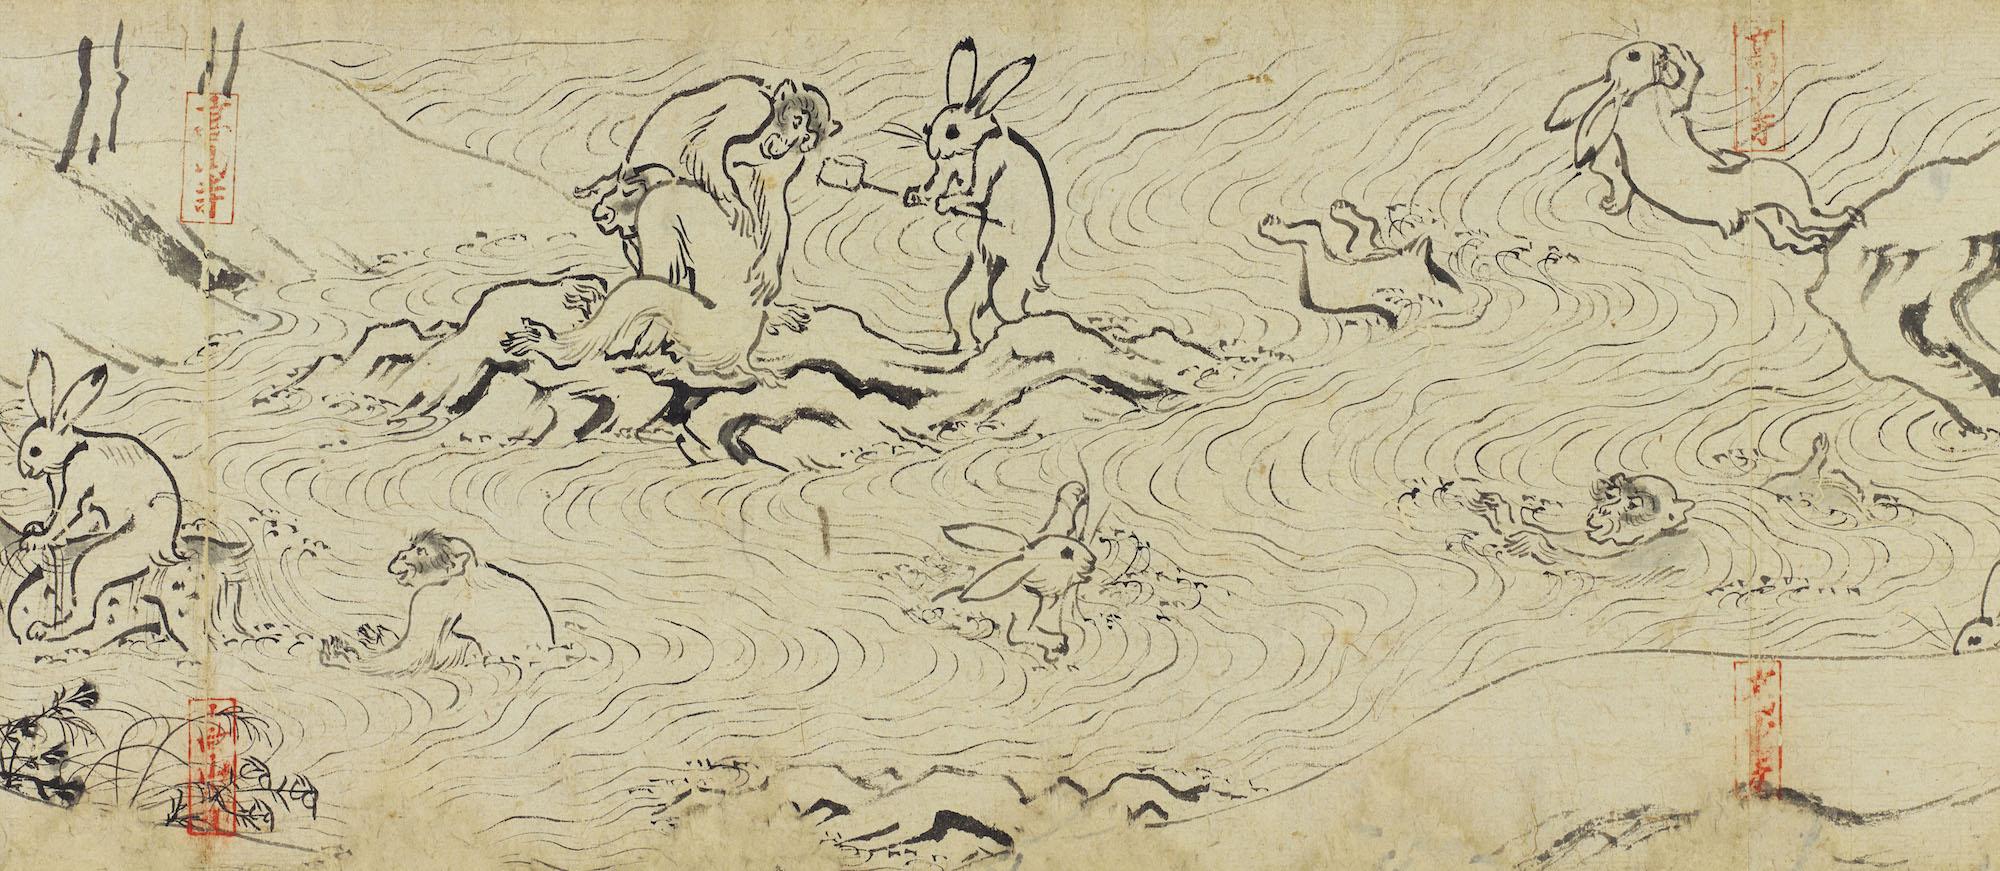 Studio Ghibli anima il manga più antico del mondo